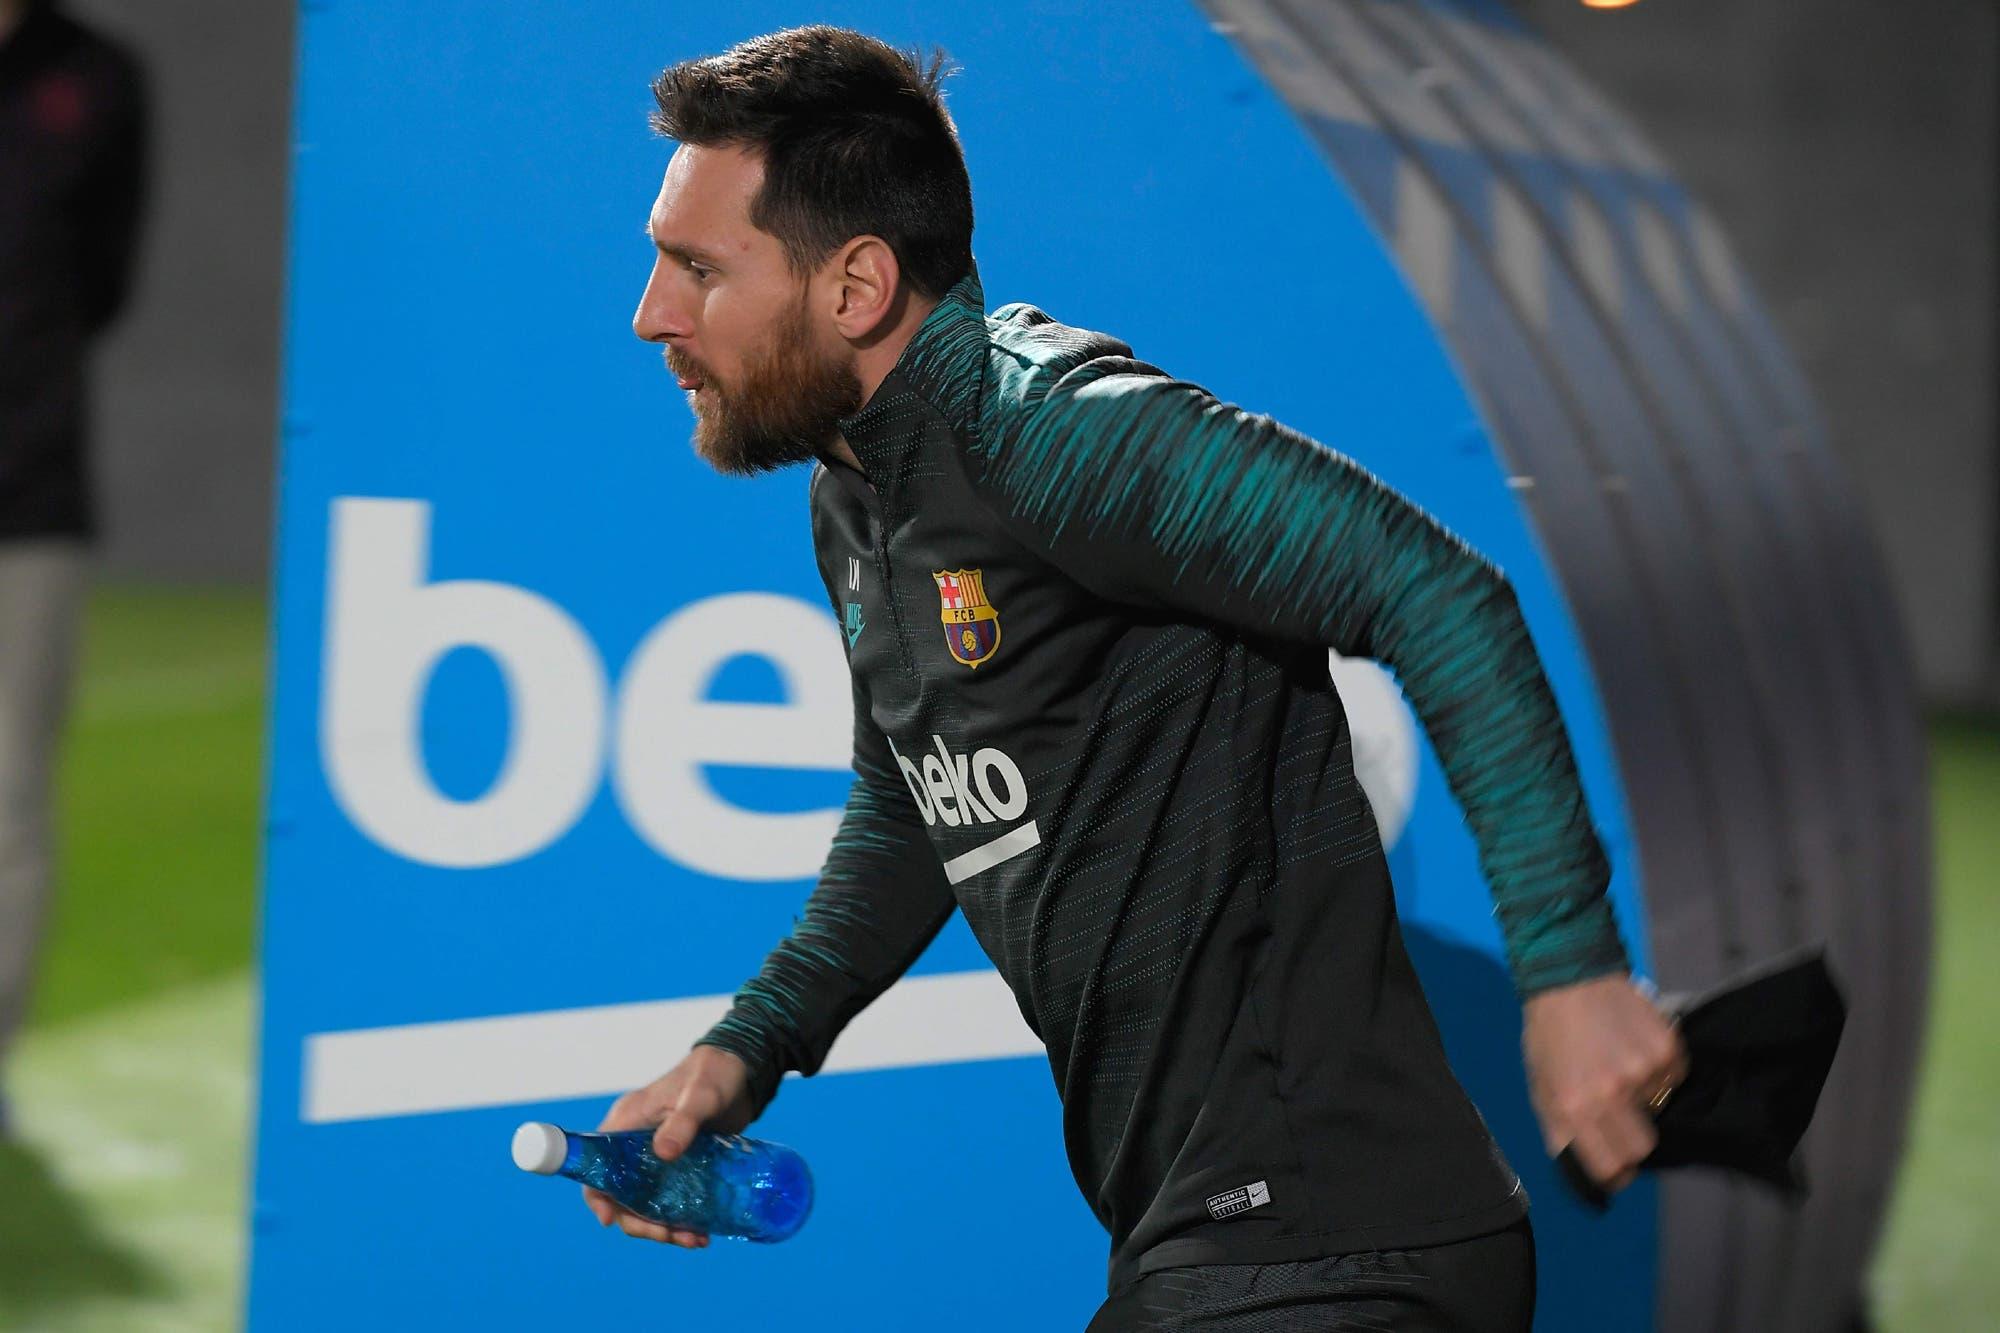 El desafío de Lionel Messi en el viaje de Barcelona al nuevo estadio de Atlético de Madrid